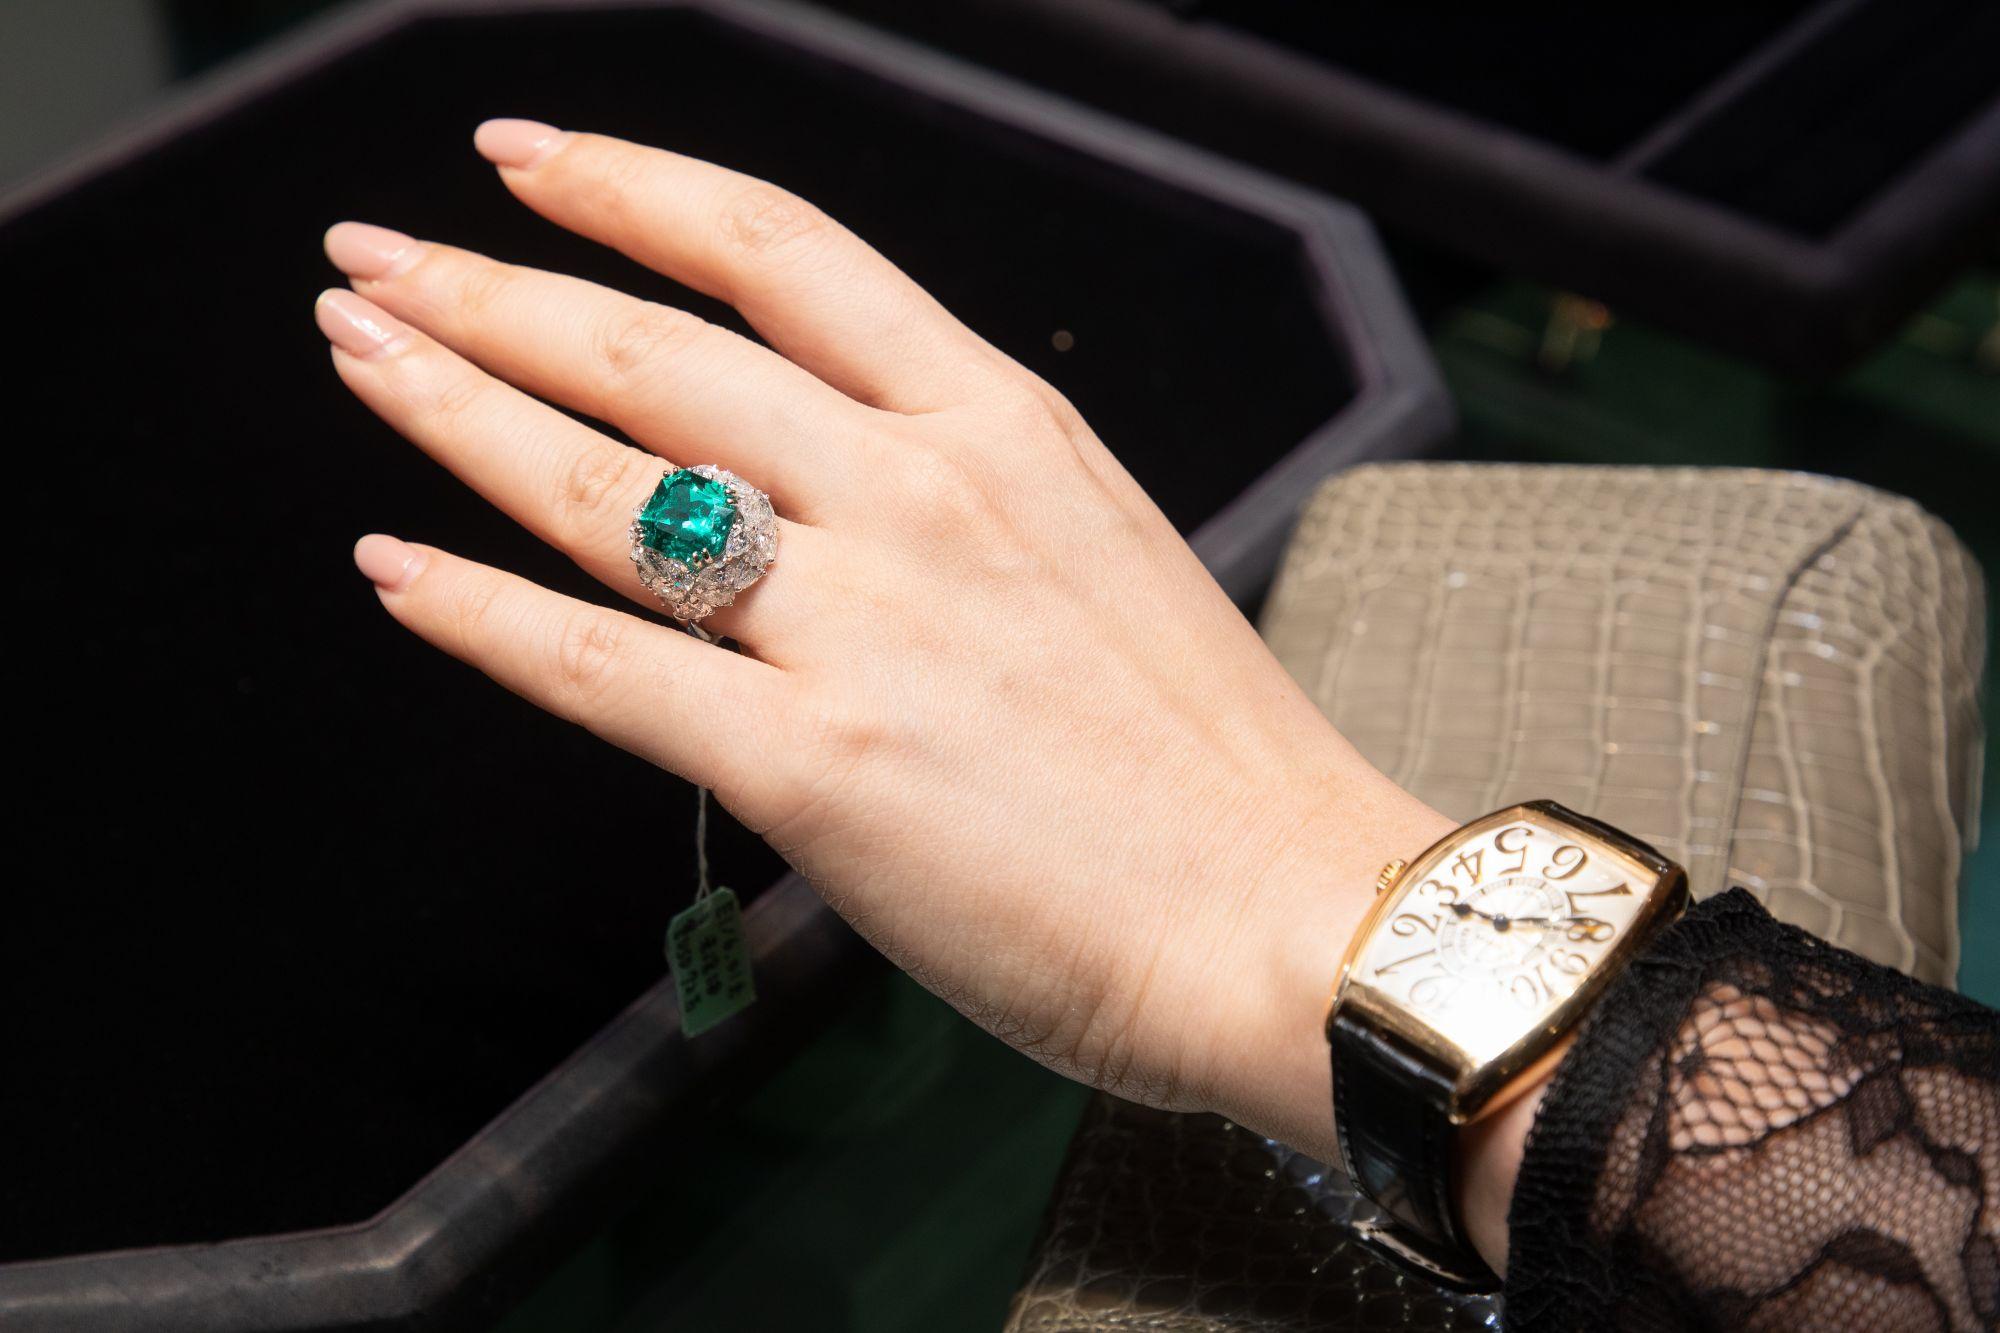 哥倫比亞未泡油祖母綠戒指,主 石為 6 克拉哥倫比亞 CHIVOR 未 泡油祖母綠,周圍鑲嵌 6.08 克 拉配鑽襯托(附 GÜBELIN 原版 證書)。